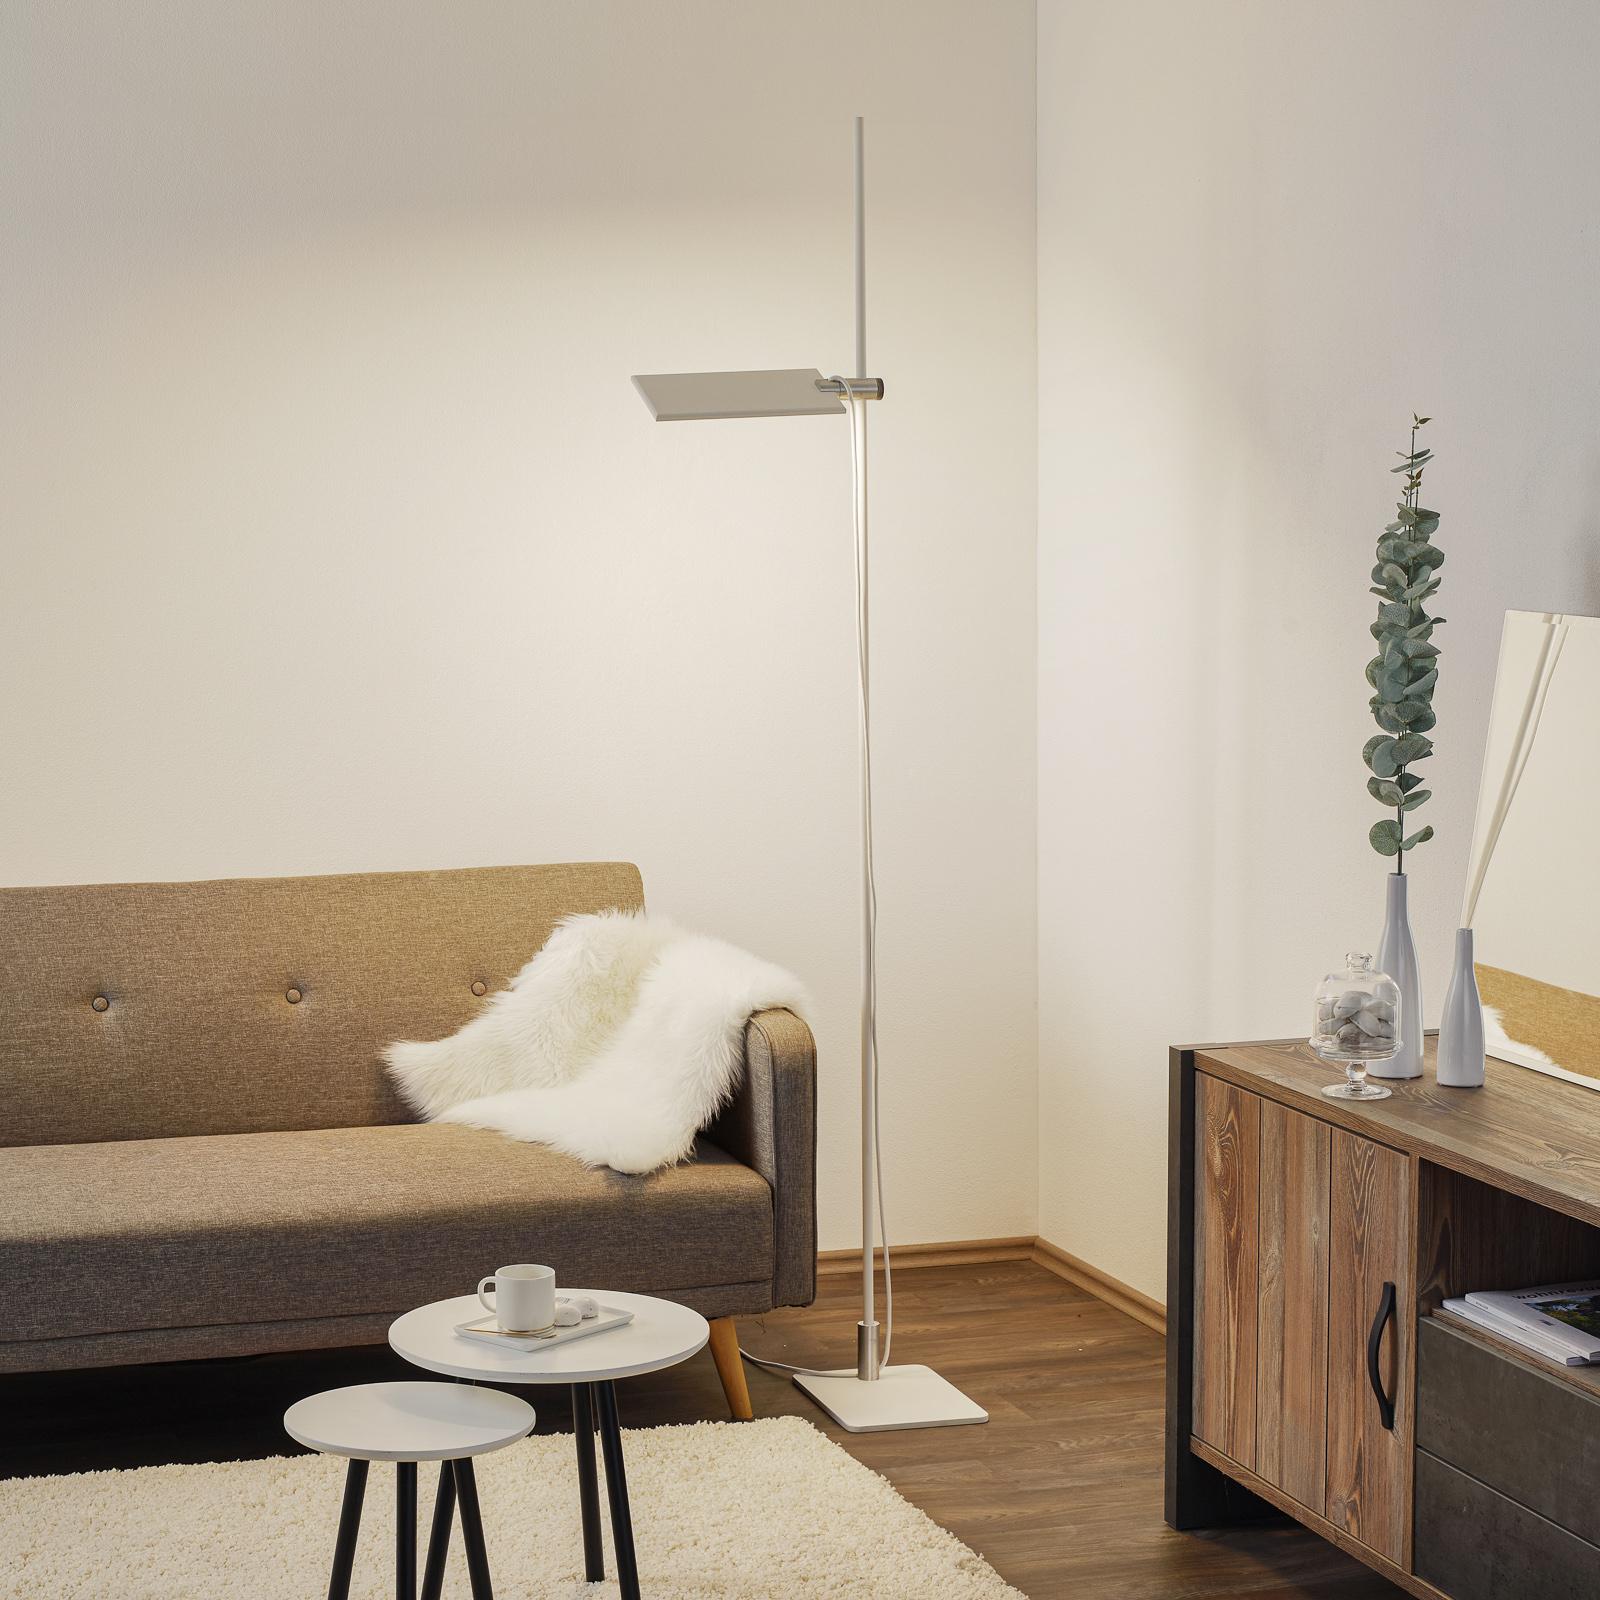 ICONE GiuUp LED-uplight lampe, kan dæmpes, hvid